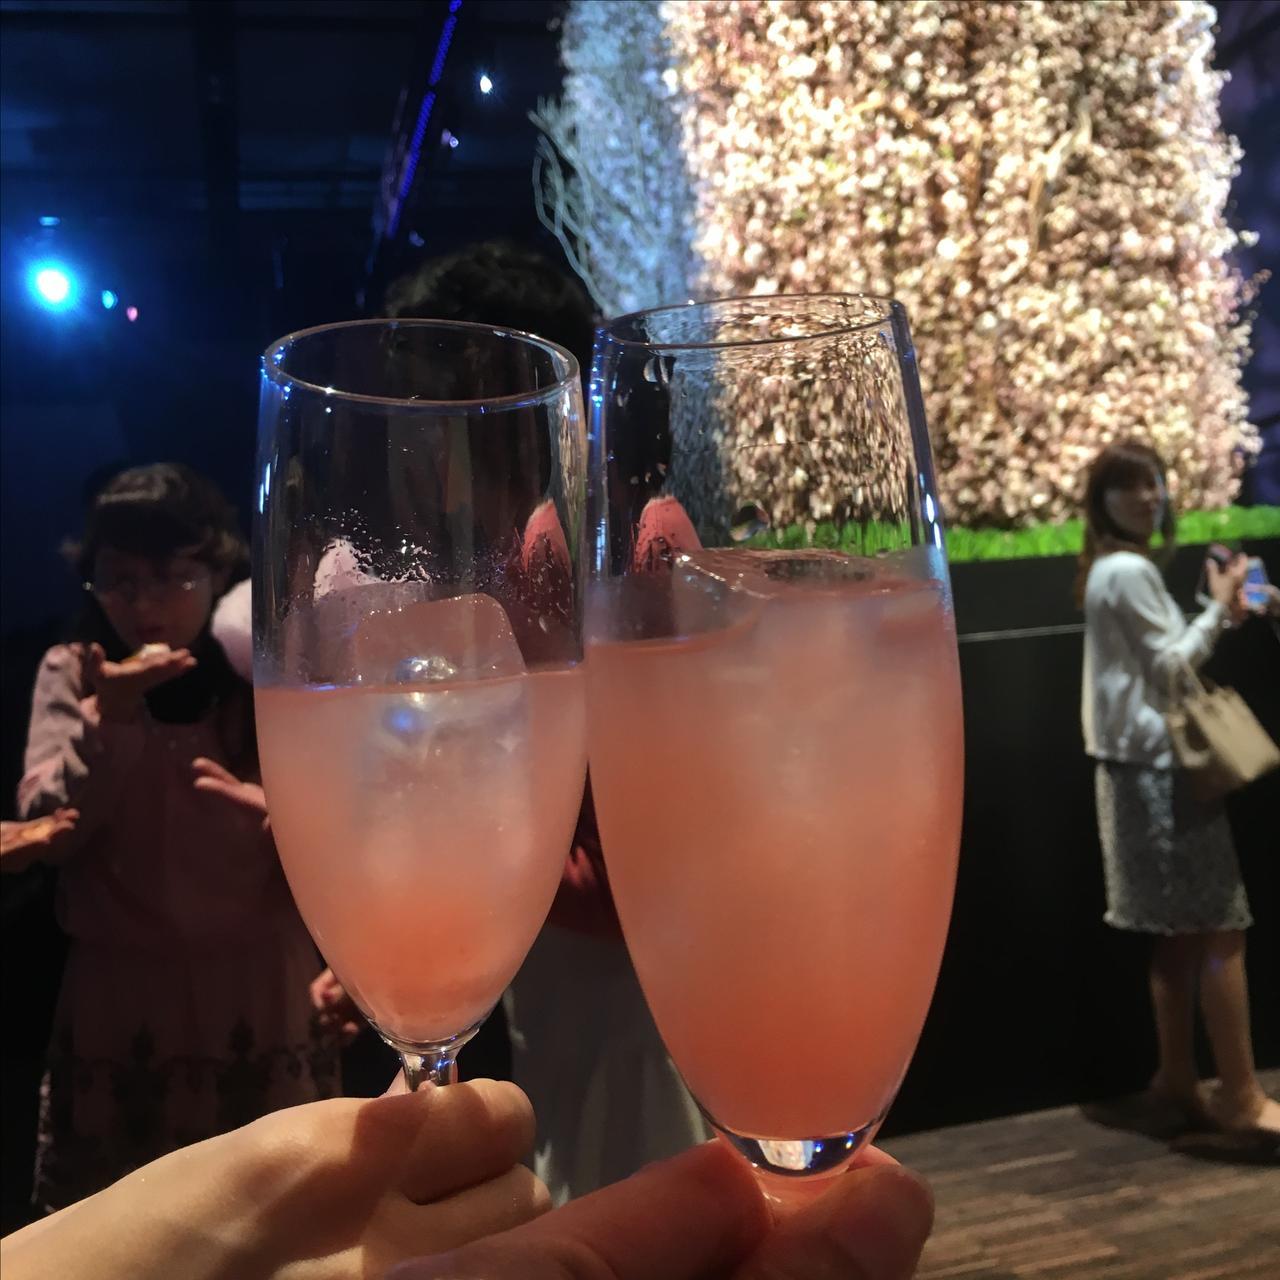 画像: ドリンクコーナーではキレイな桜色のカクテルが振舞われました